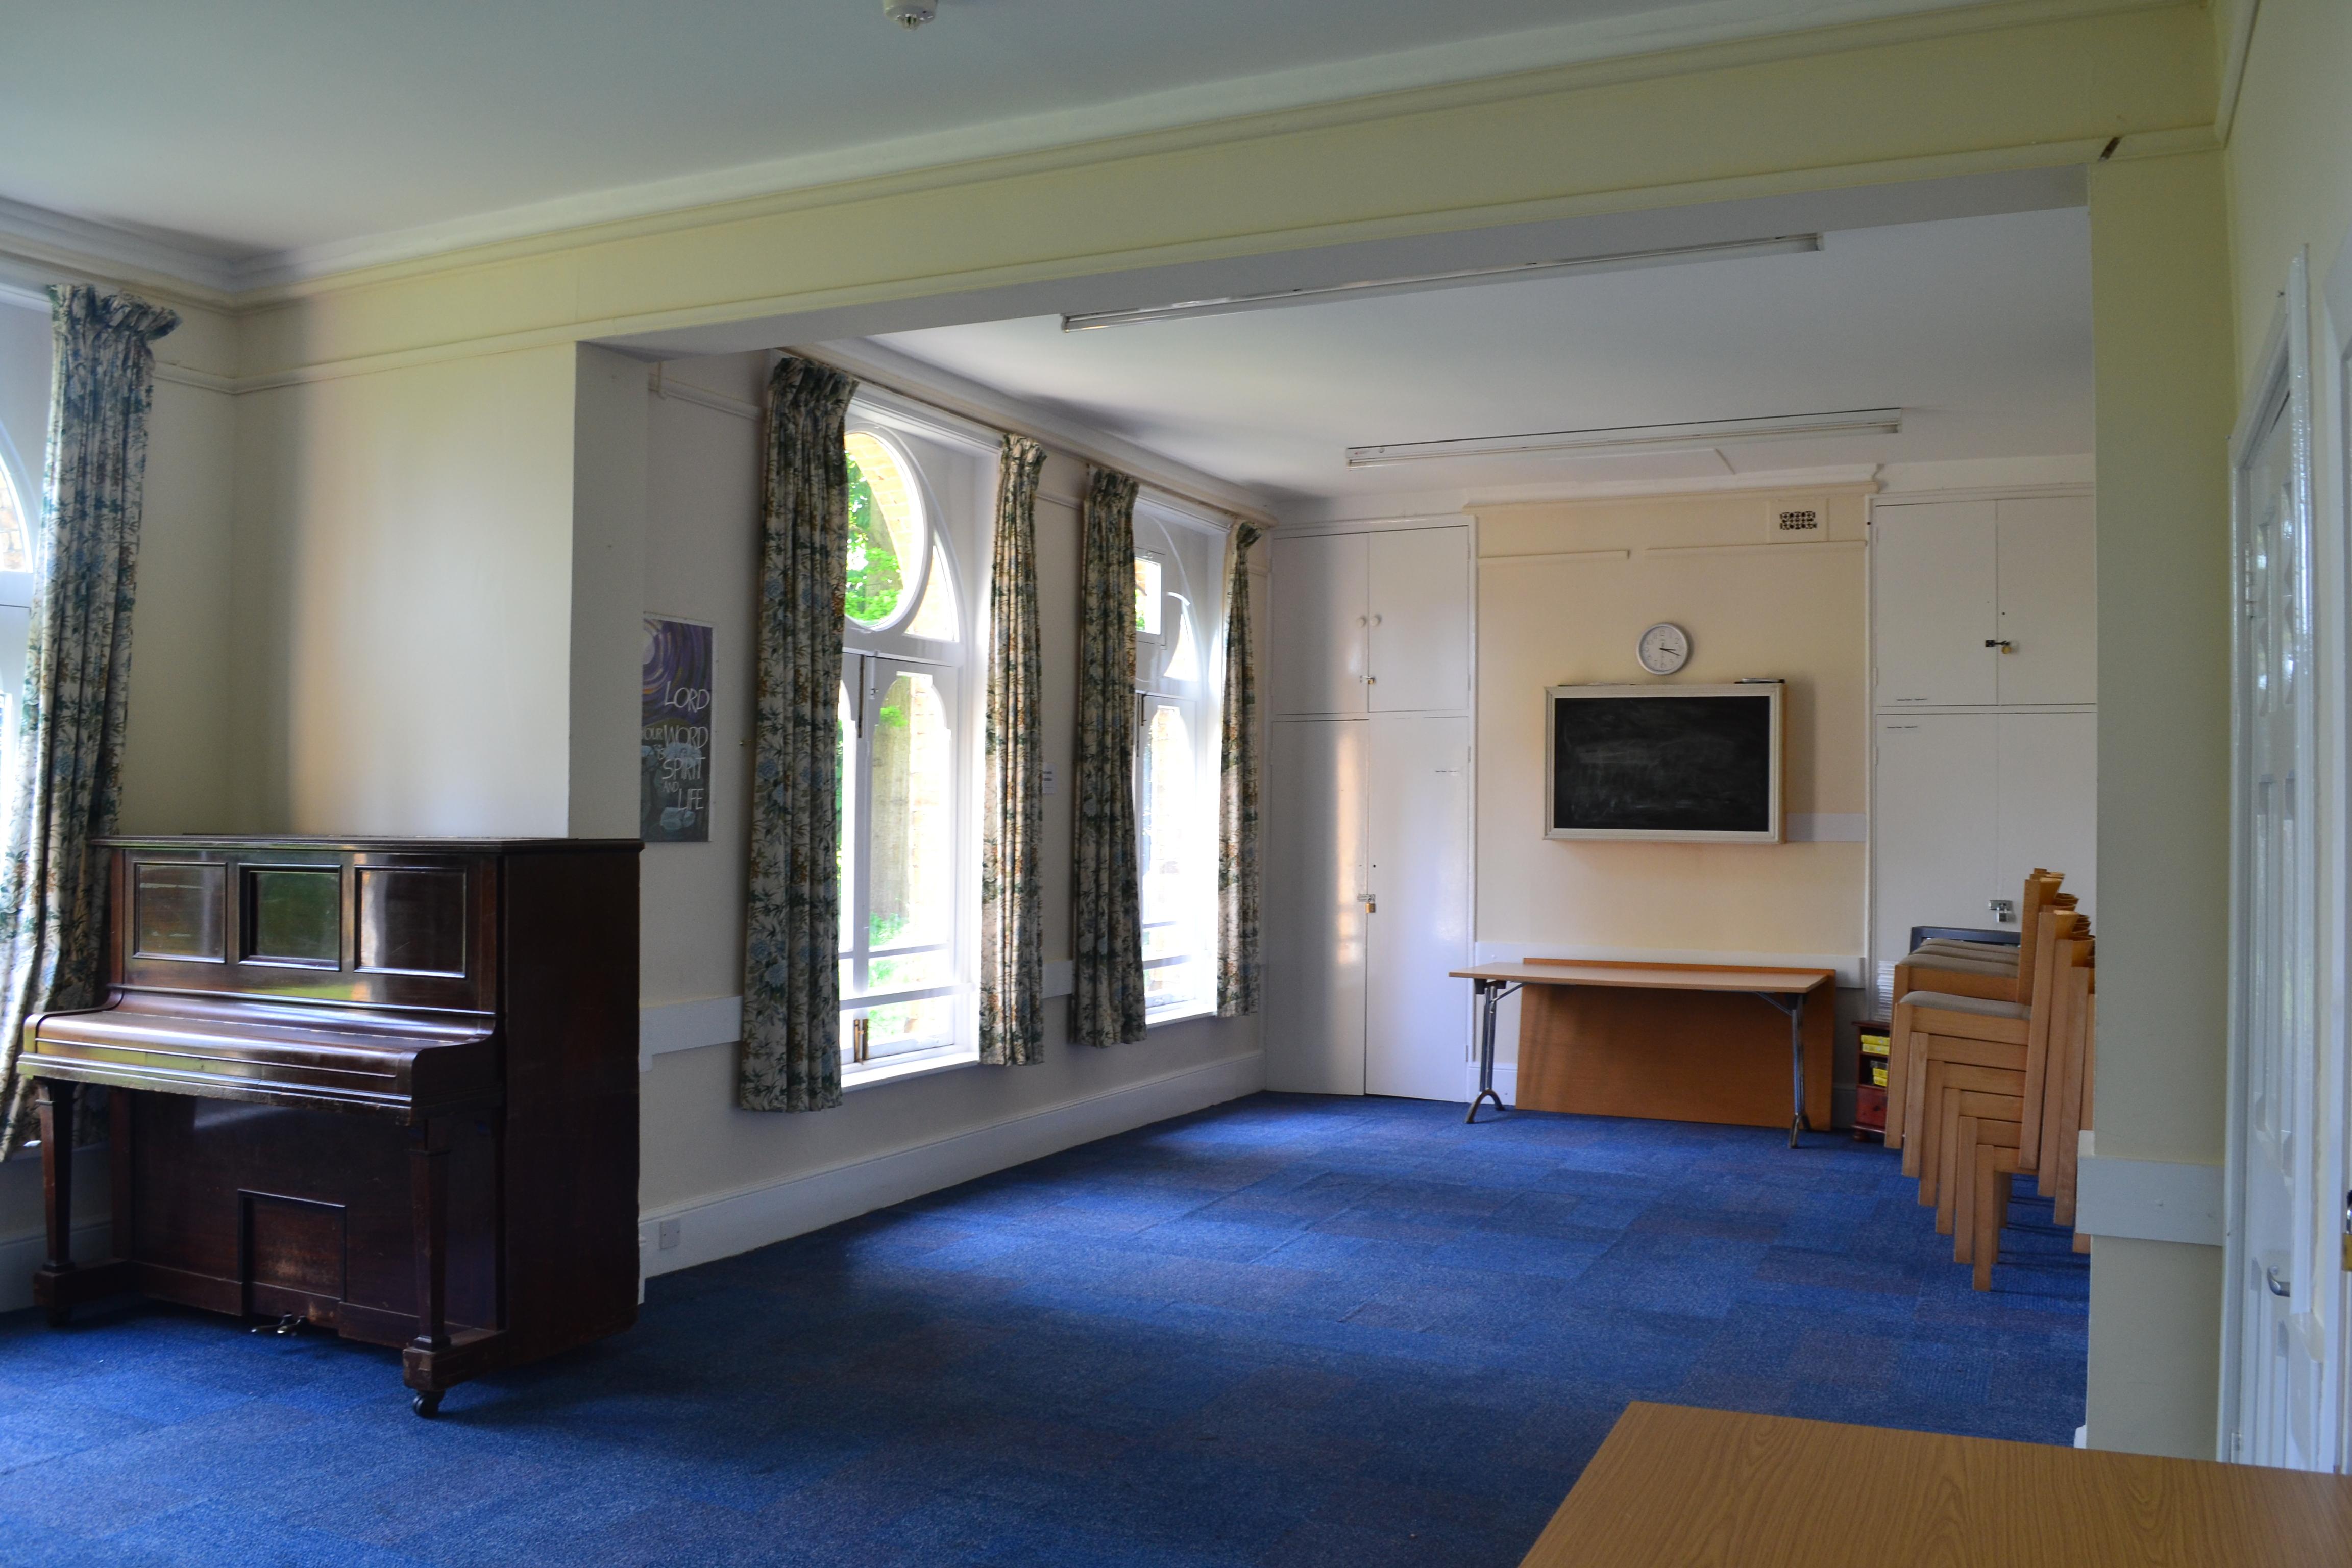 The George Harman Room